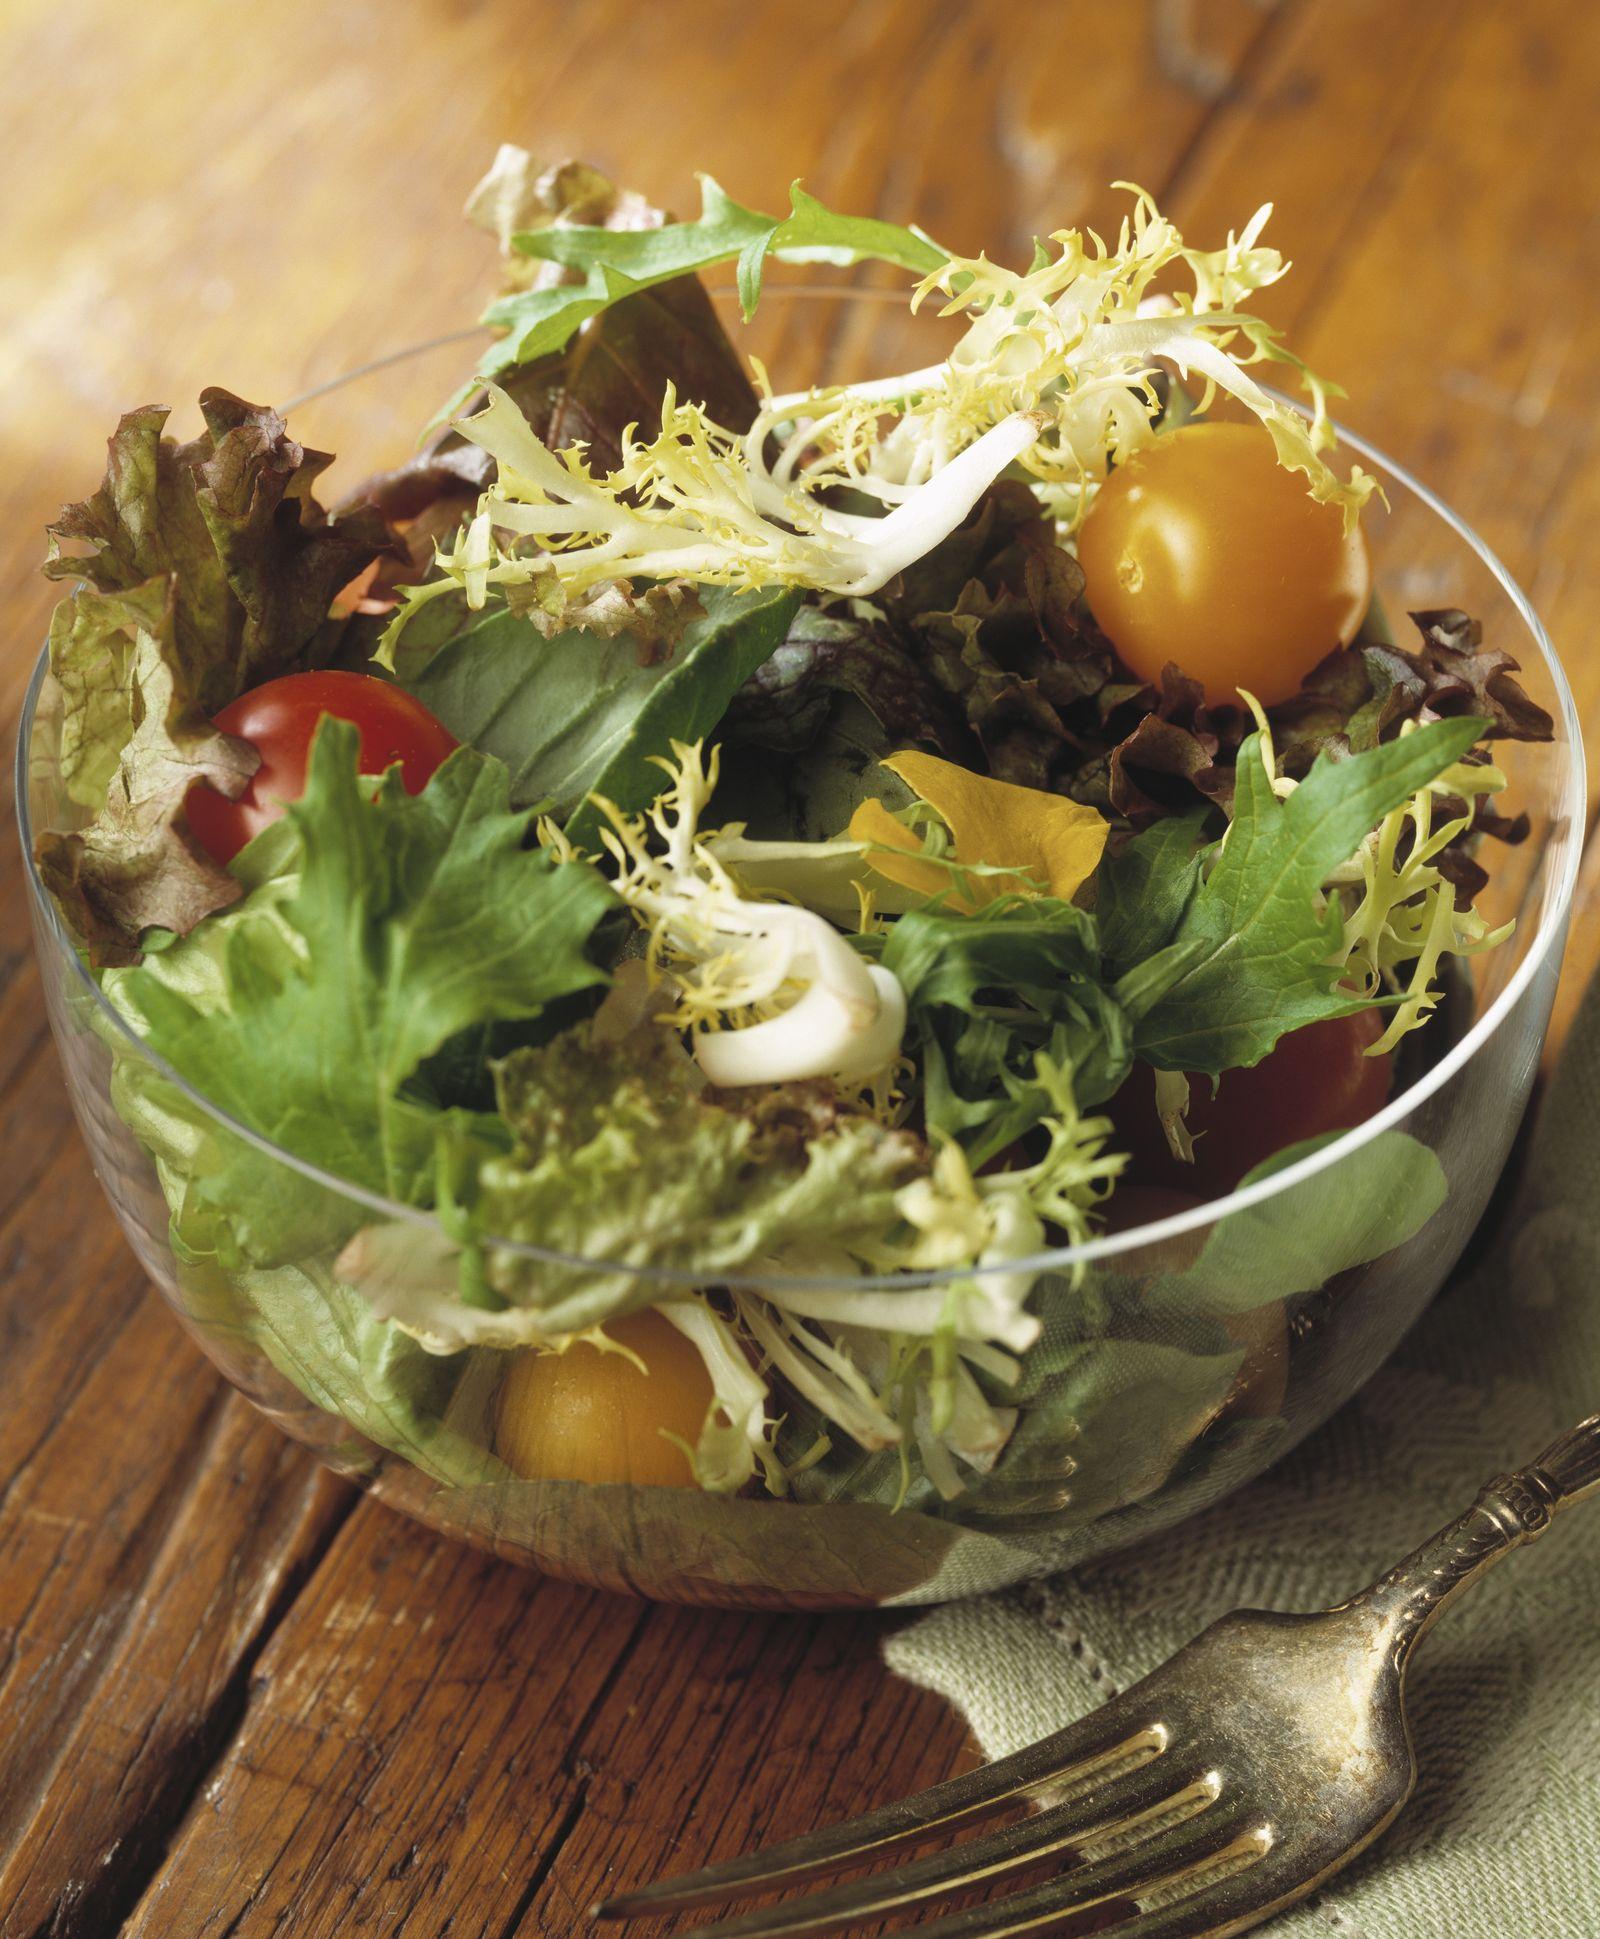 NICHT MEHR VERWENDEN! - Salat / Salatschüssel